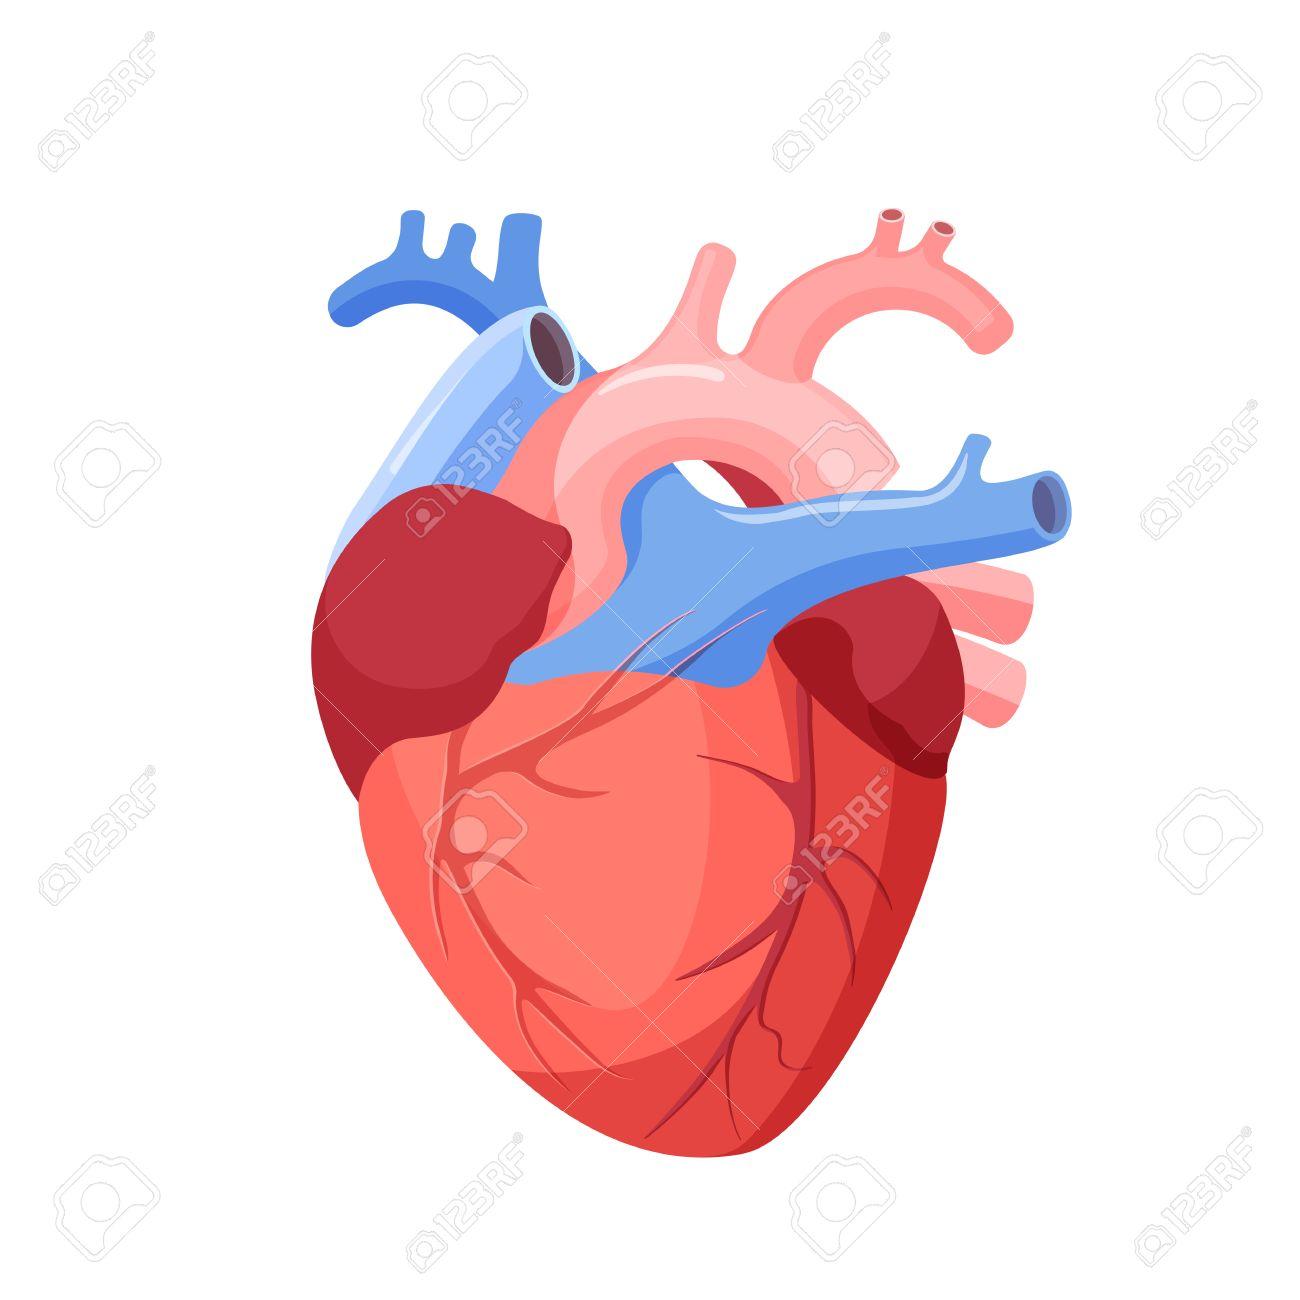 Anatomische Herz Isoliert. Muskulöses Organ Bei Menschen Und Tieren ...